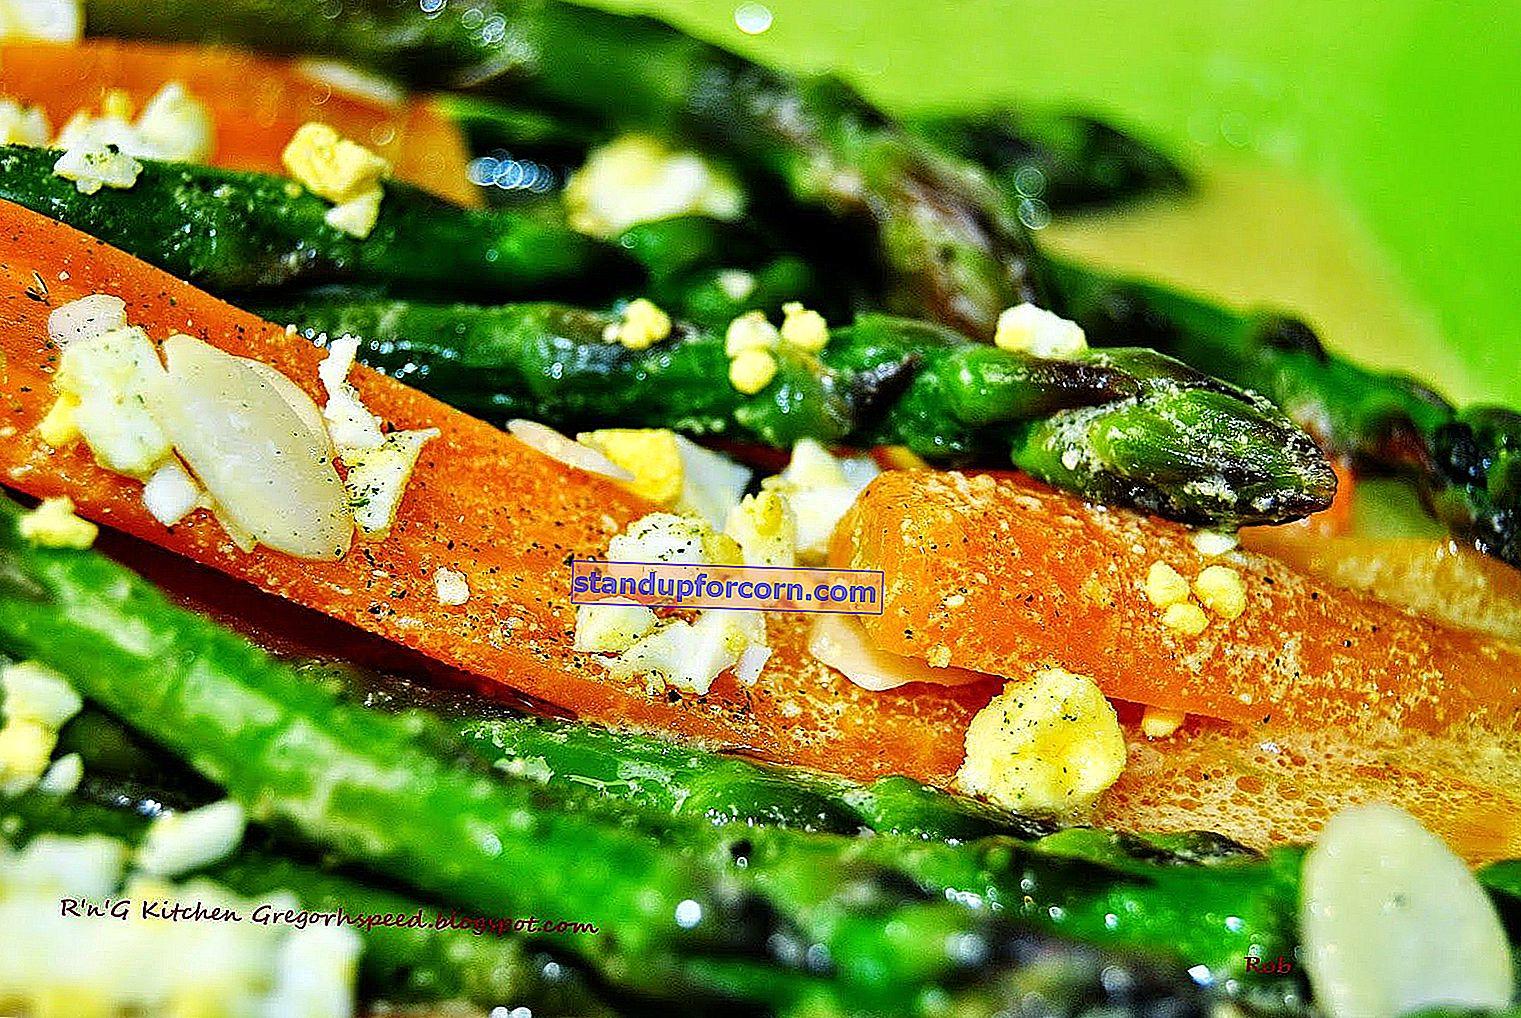 Yeşil domates kızartılmış, salamura edilmiş, salamura edilmiş. Konserveler ve salatalar için tarifler